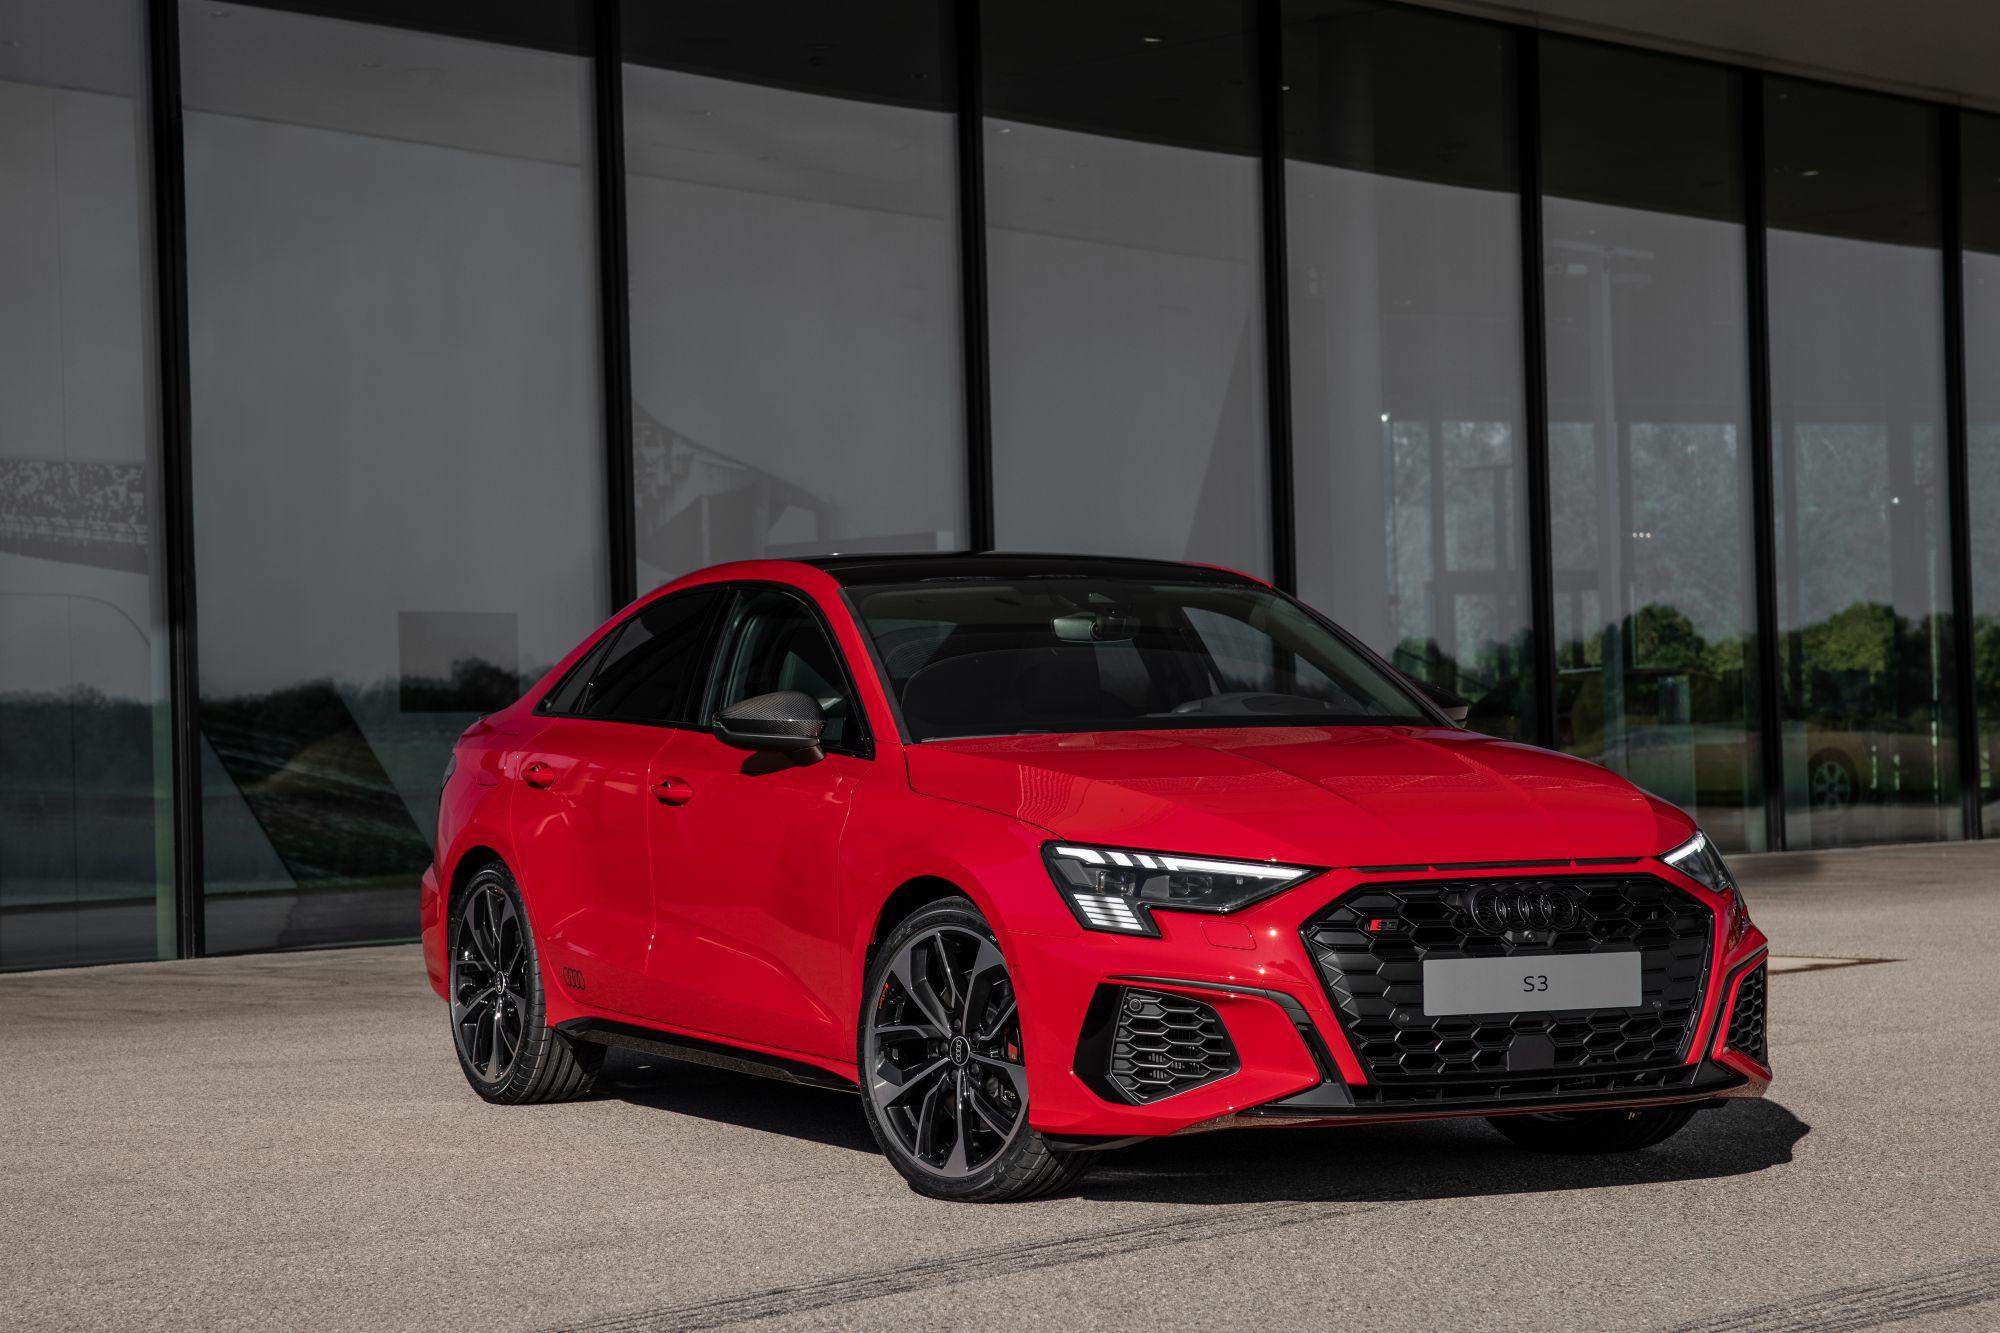 Galería Revista de coches, - Audi S3 Sedan 2021 - Imagen